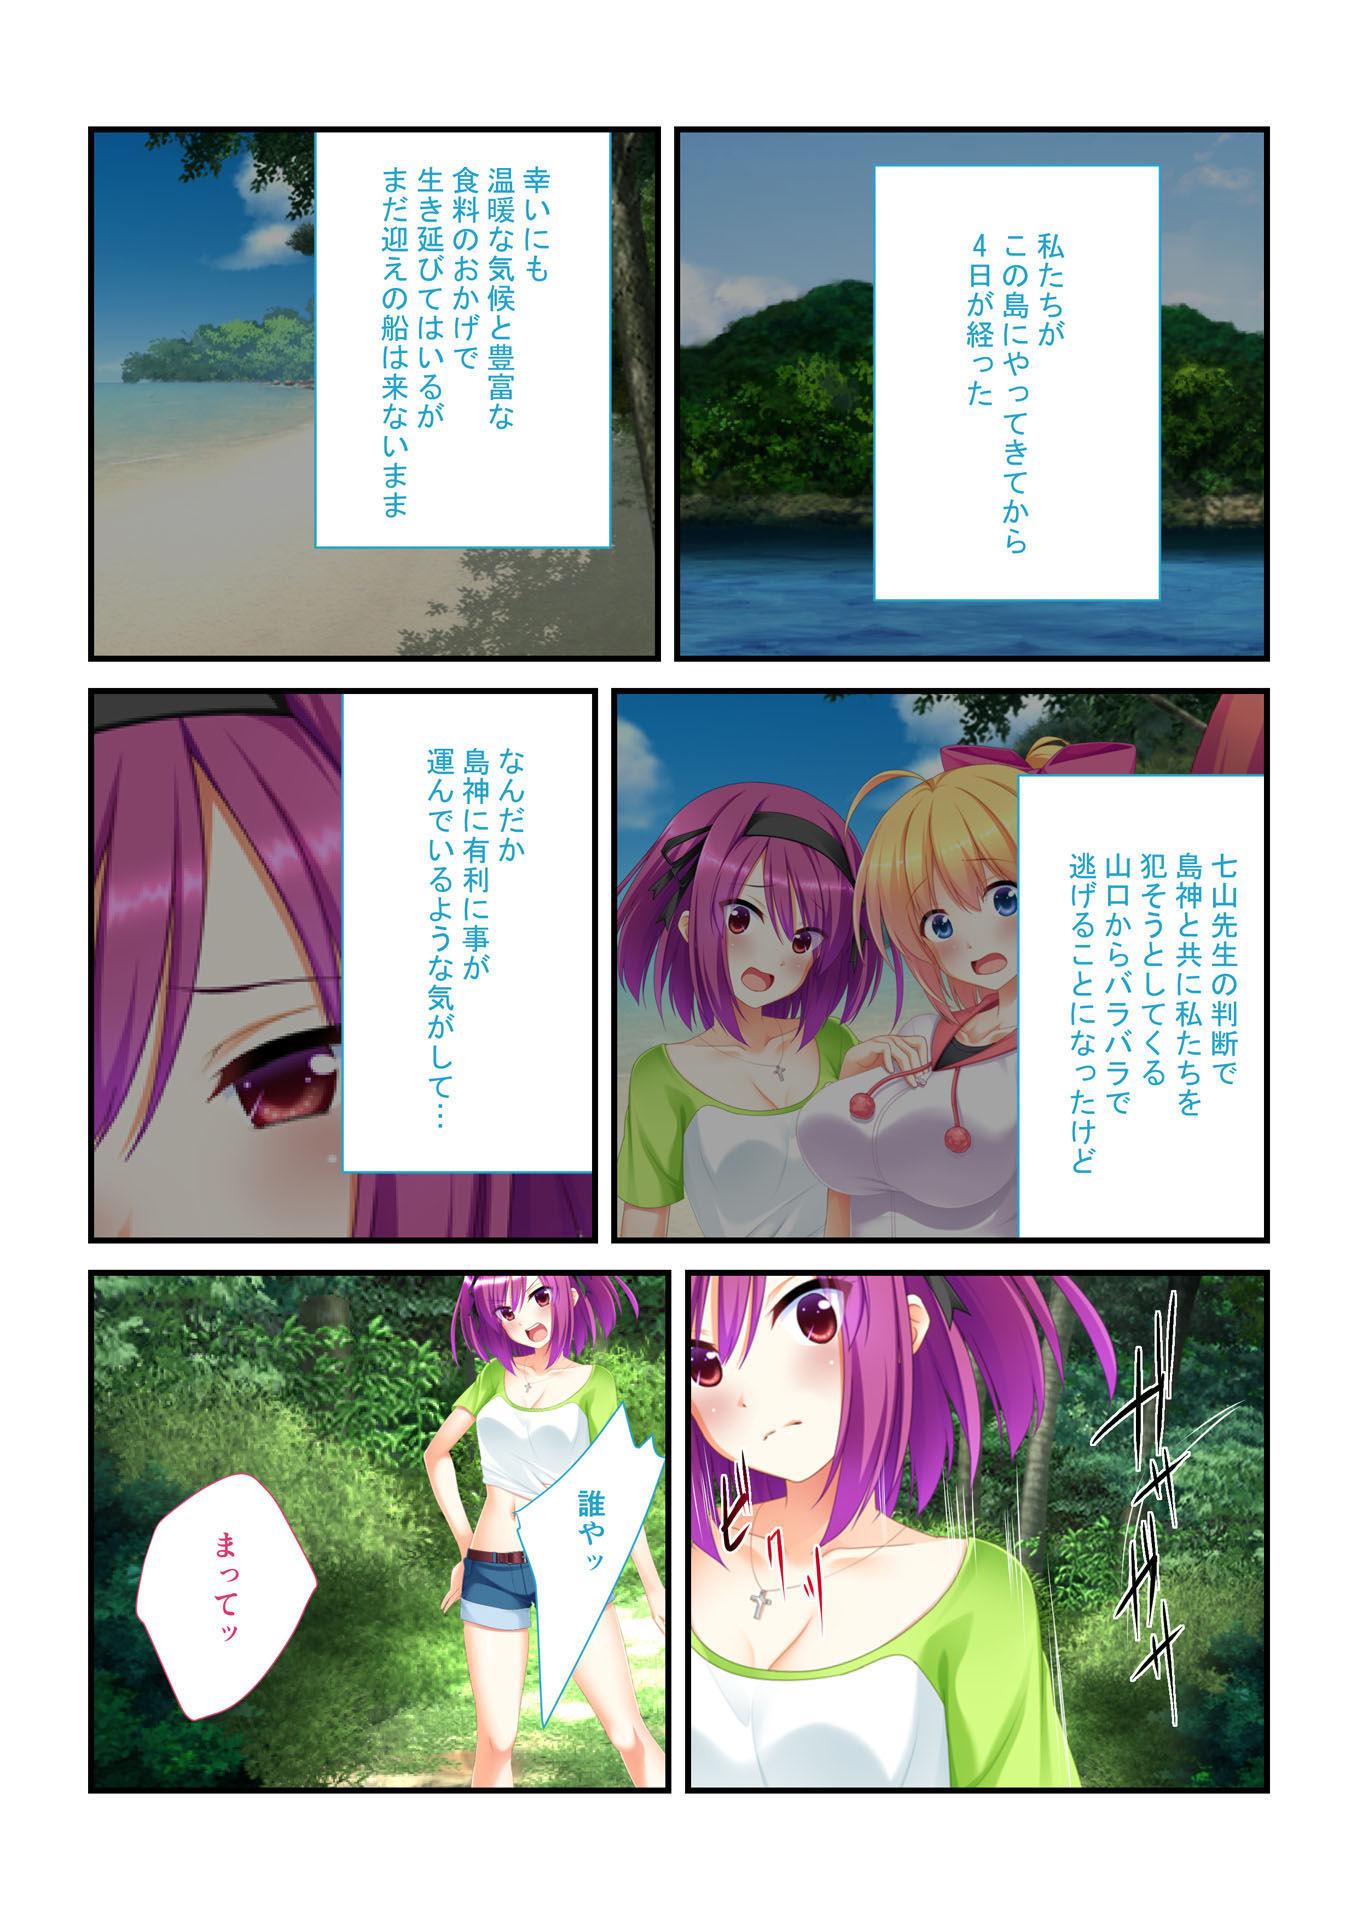 【どろっぷす! 同人】【フルカラー】強制ハメ!孕ませ島抵抗できない女子とハーレムSEX!(3)